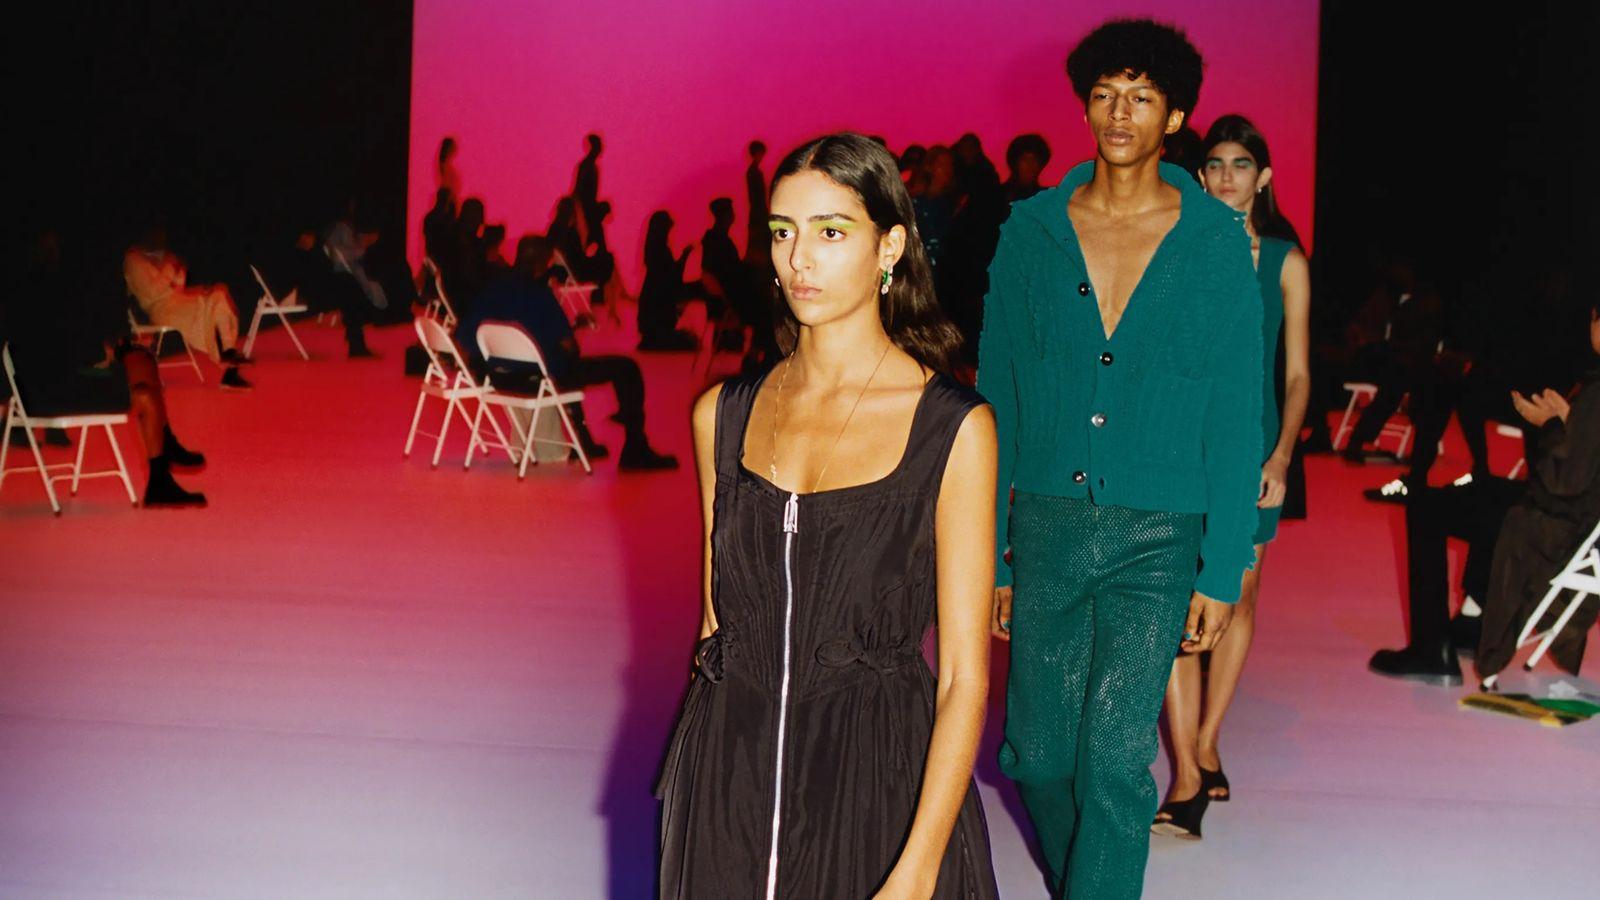 Botega Veneta xóa tài khoản mạng xã hội gây hoang mang giới thời trang - 1